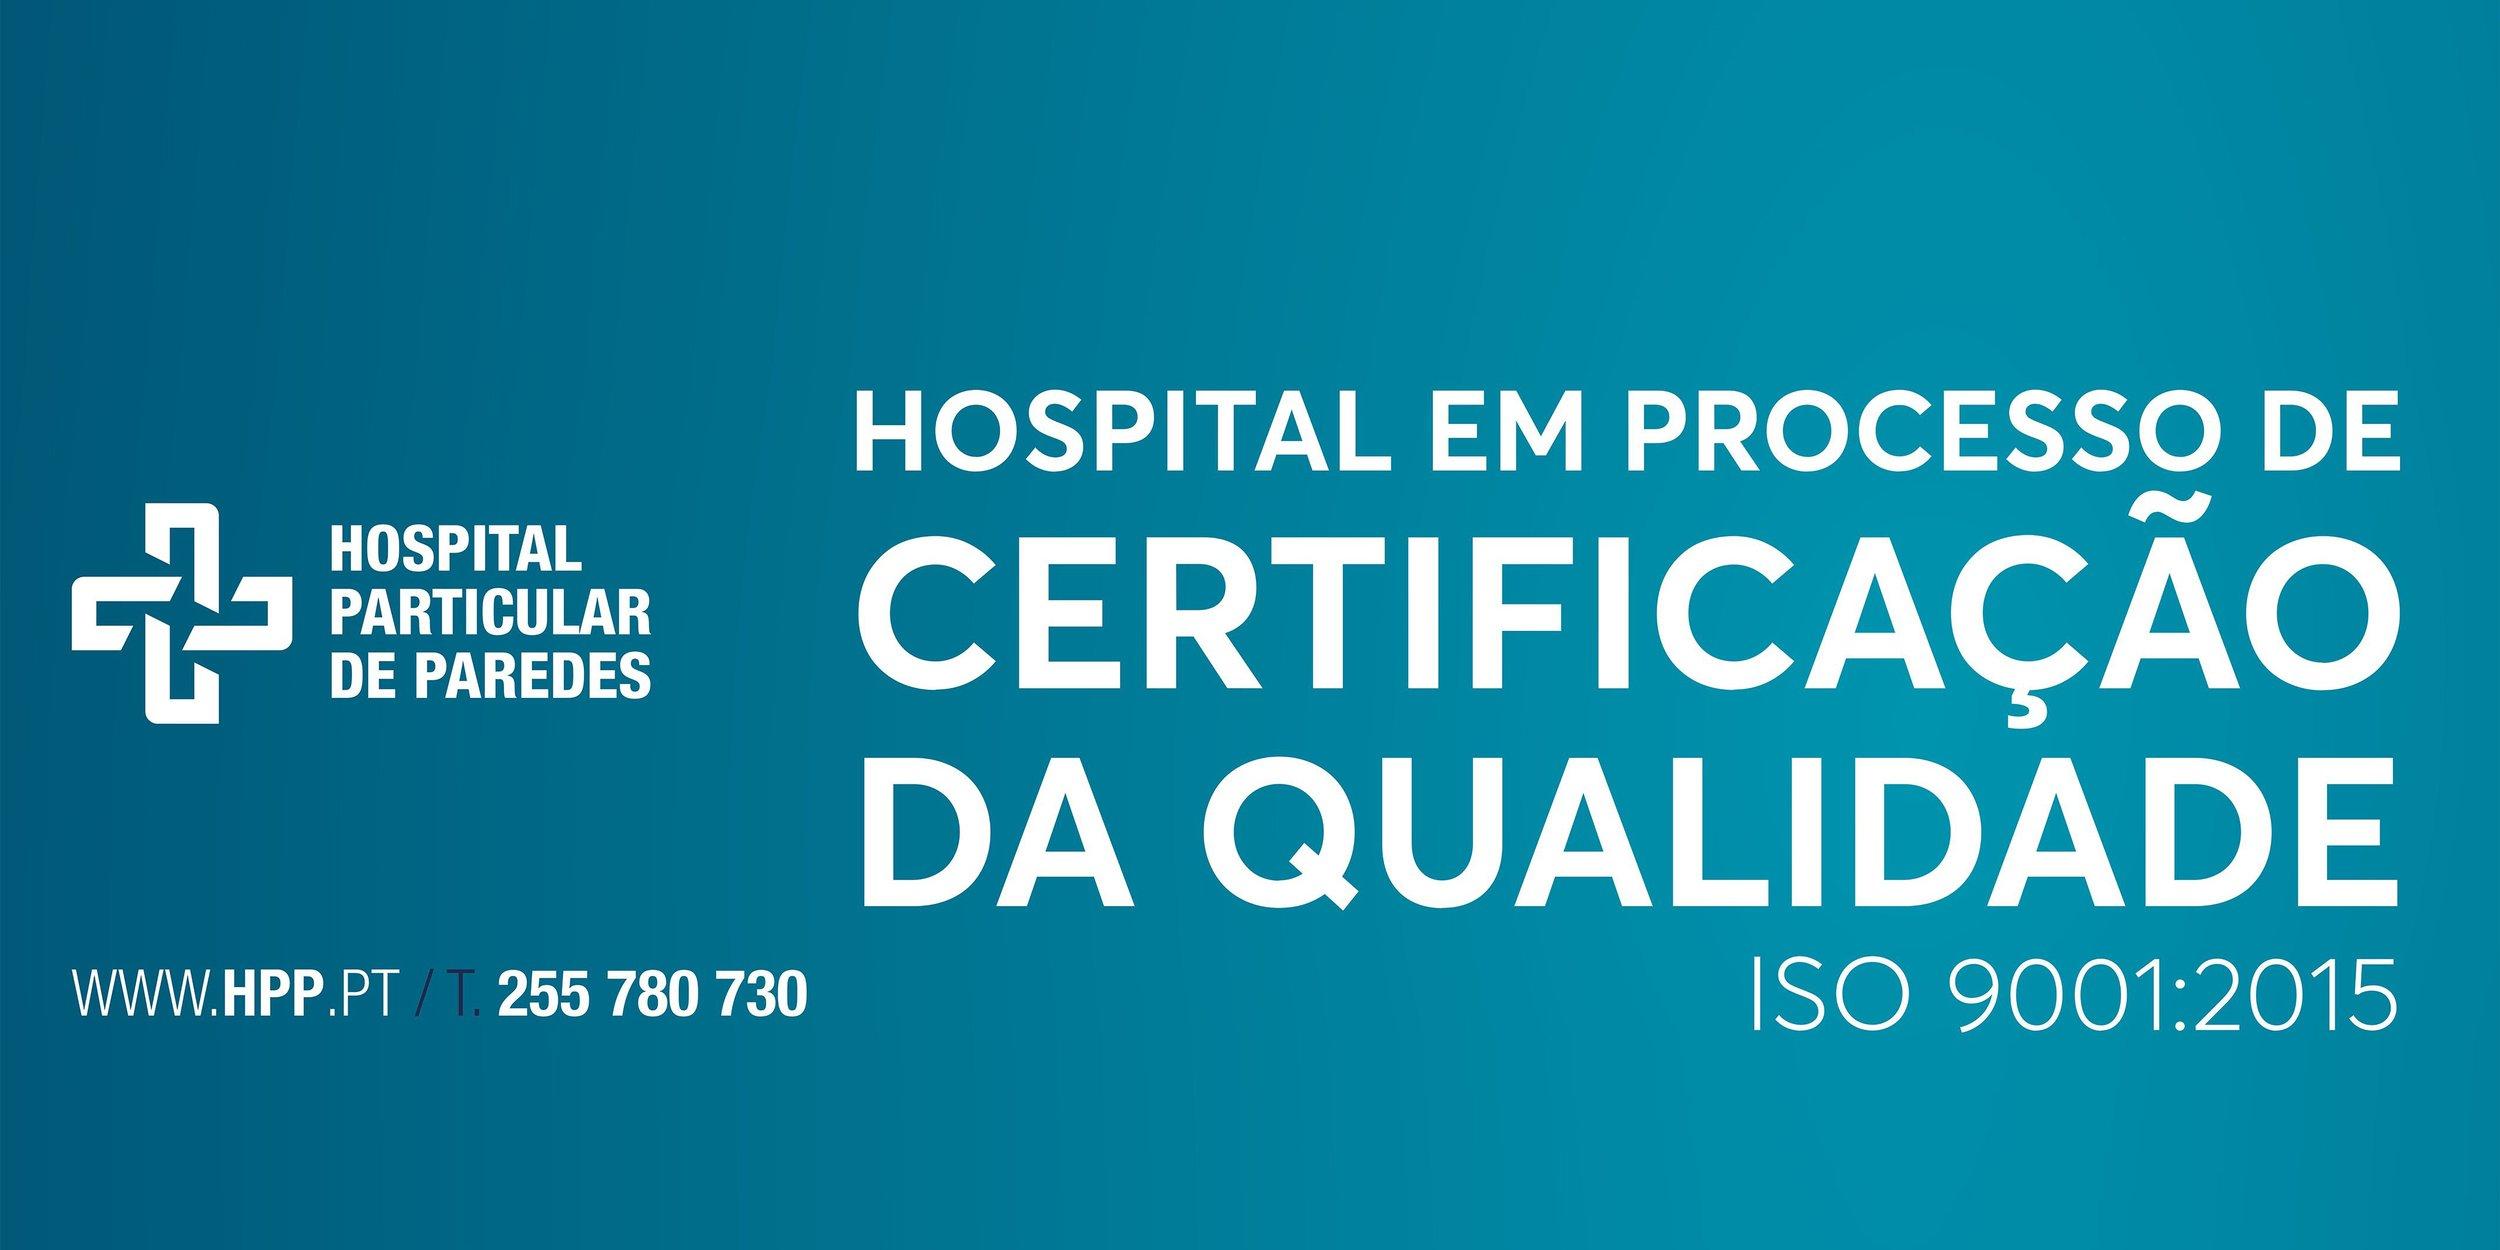 Outdoor_ certificação de qualidade 8x3 03.jpg